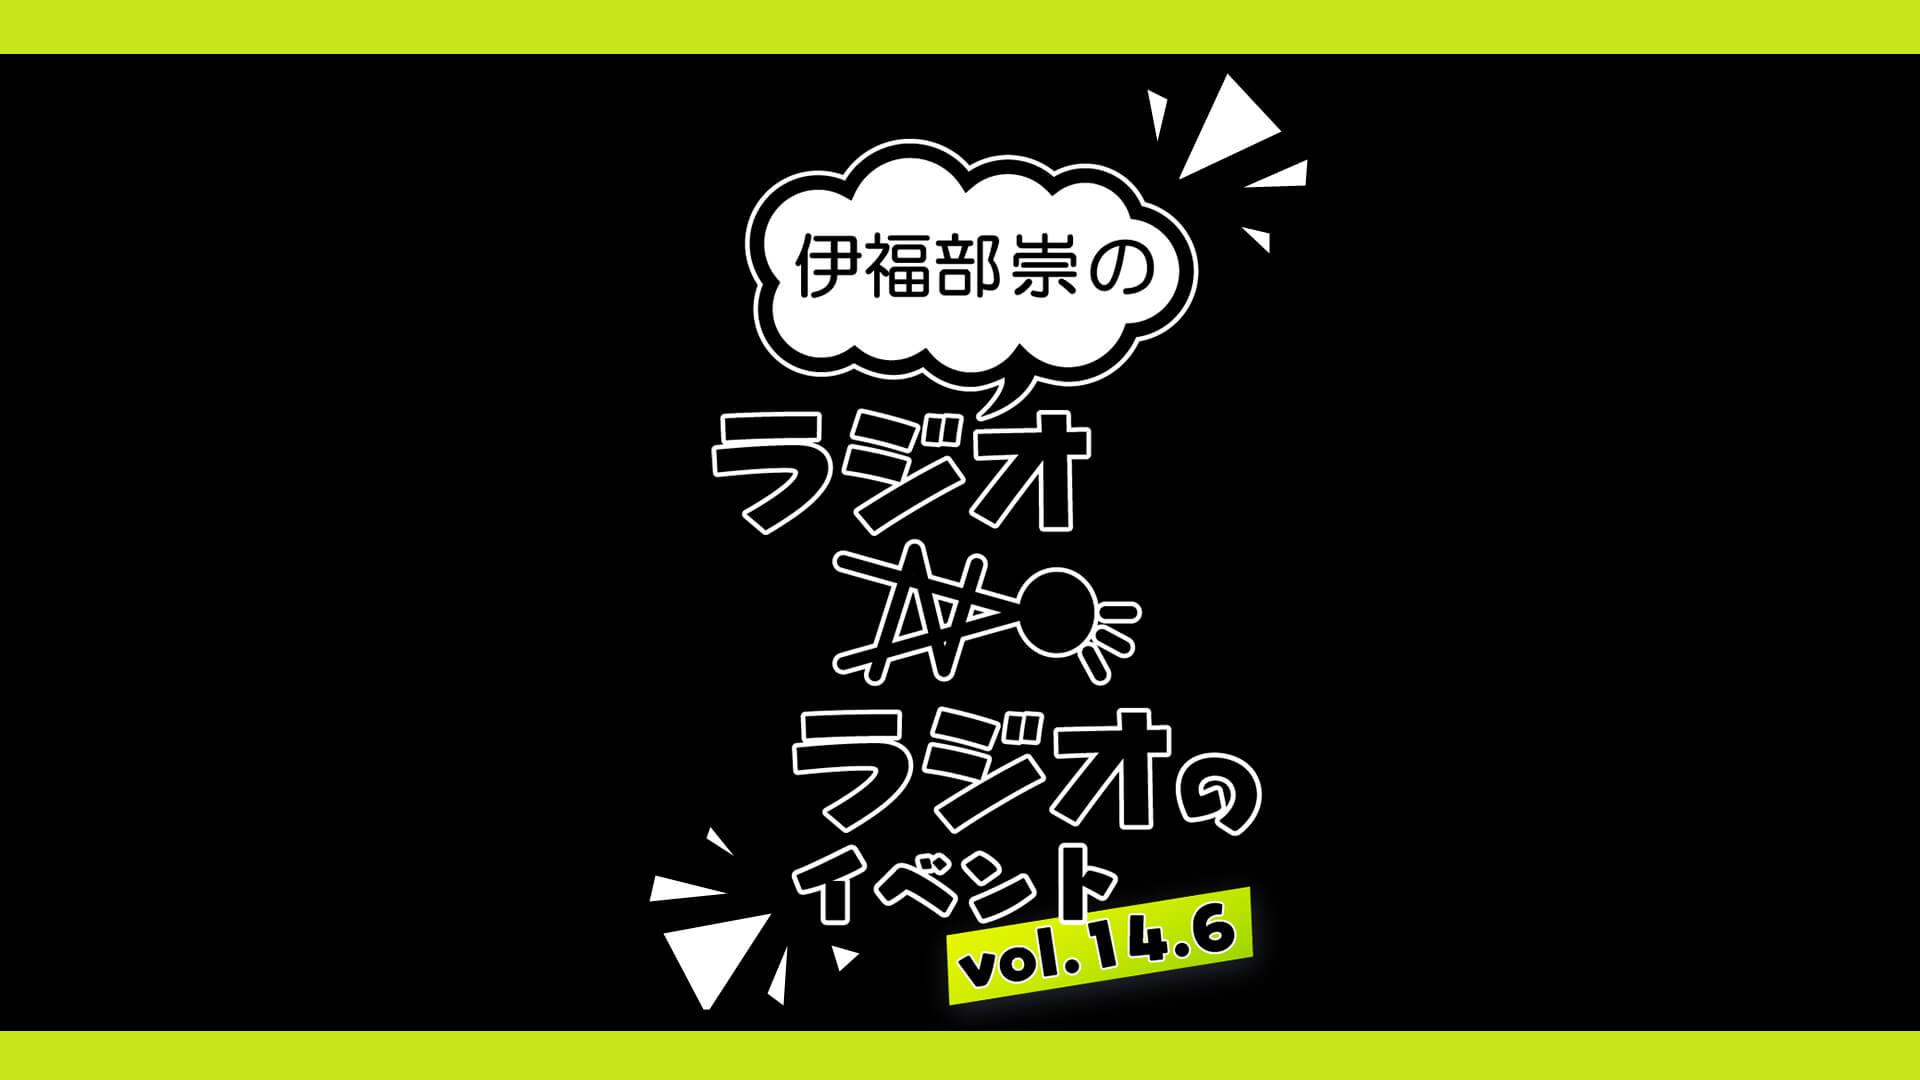 伊福部崇のラジオのラジオのイベントvol.14.6<アフタートーク>